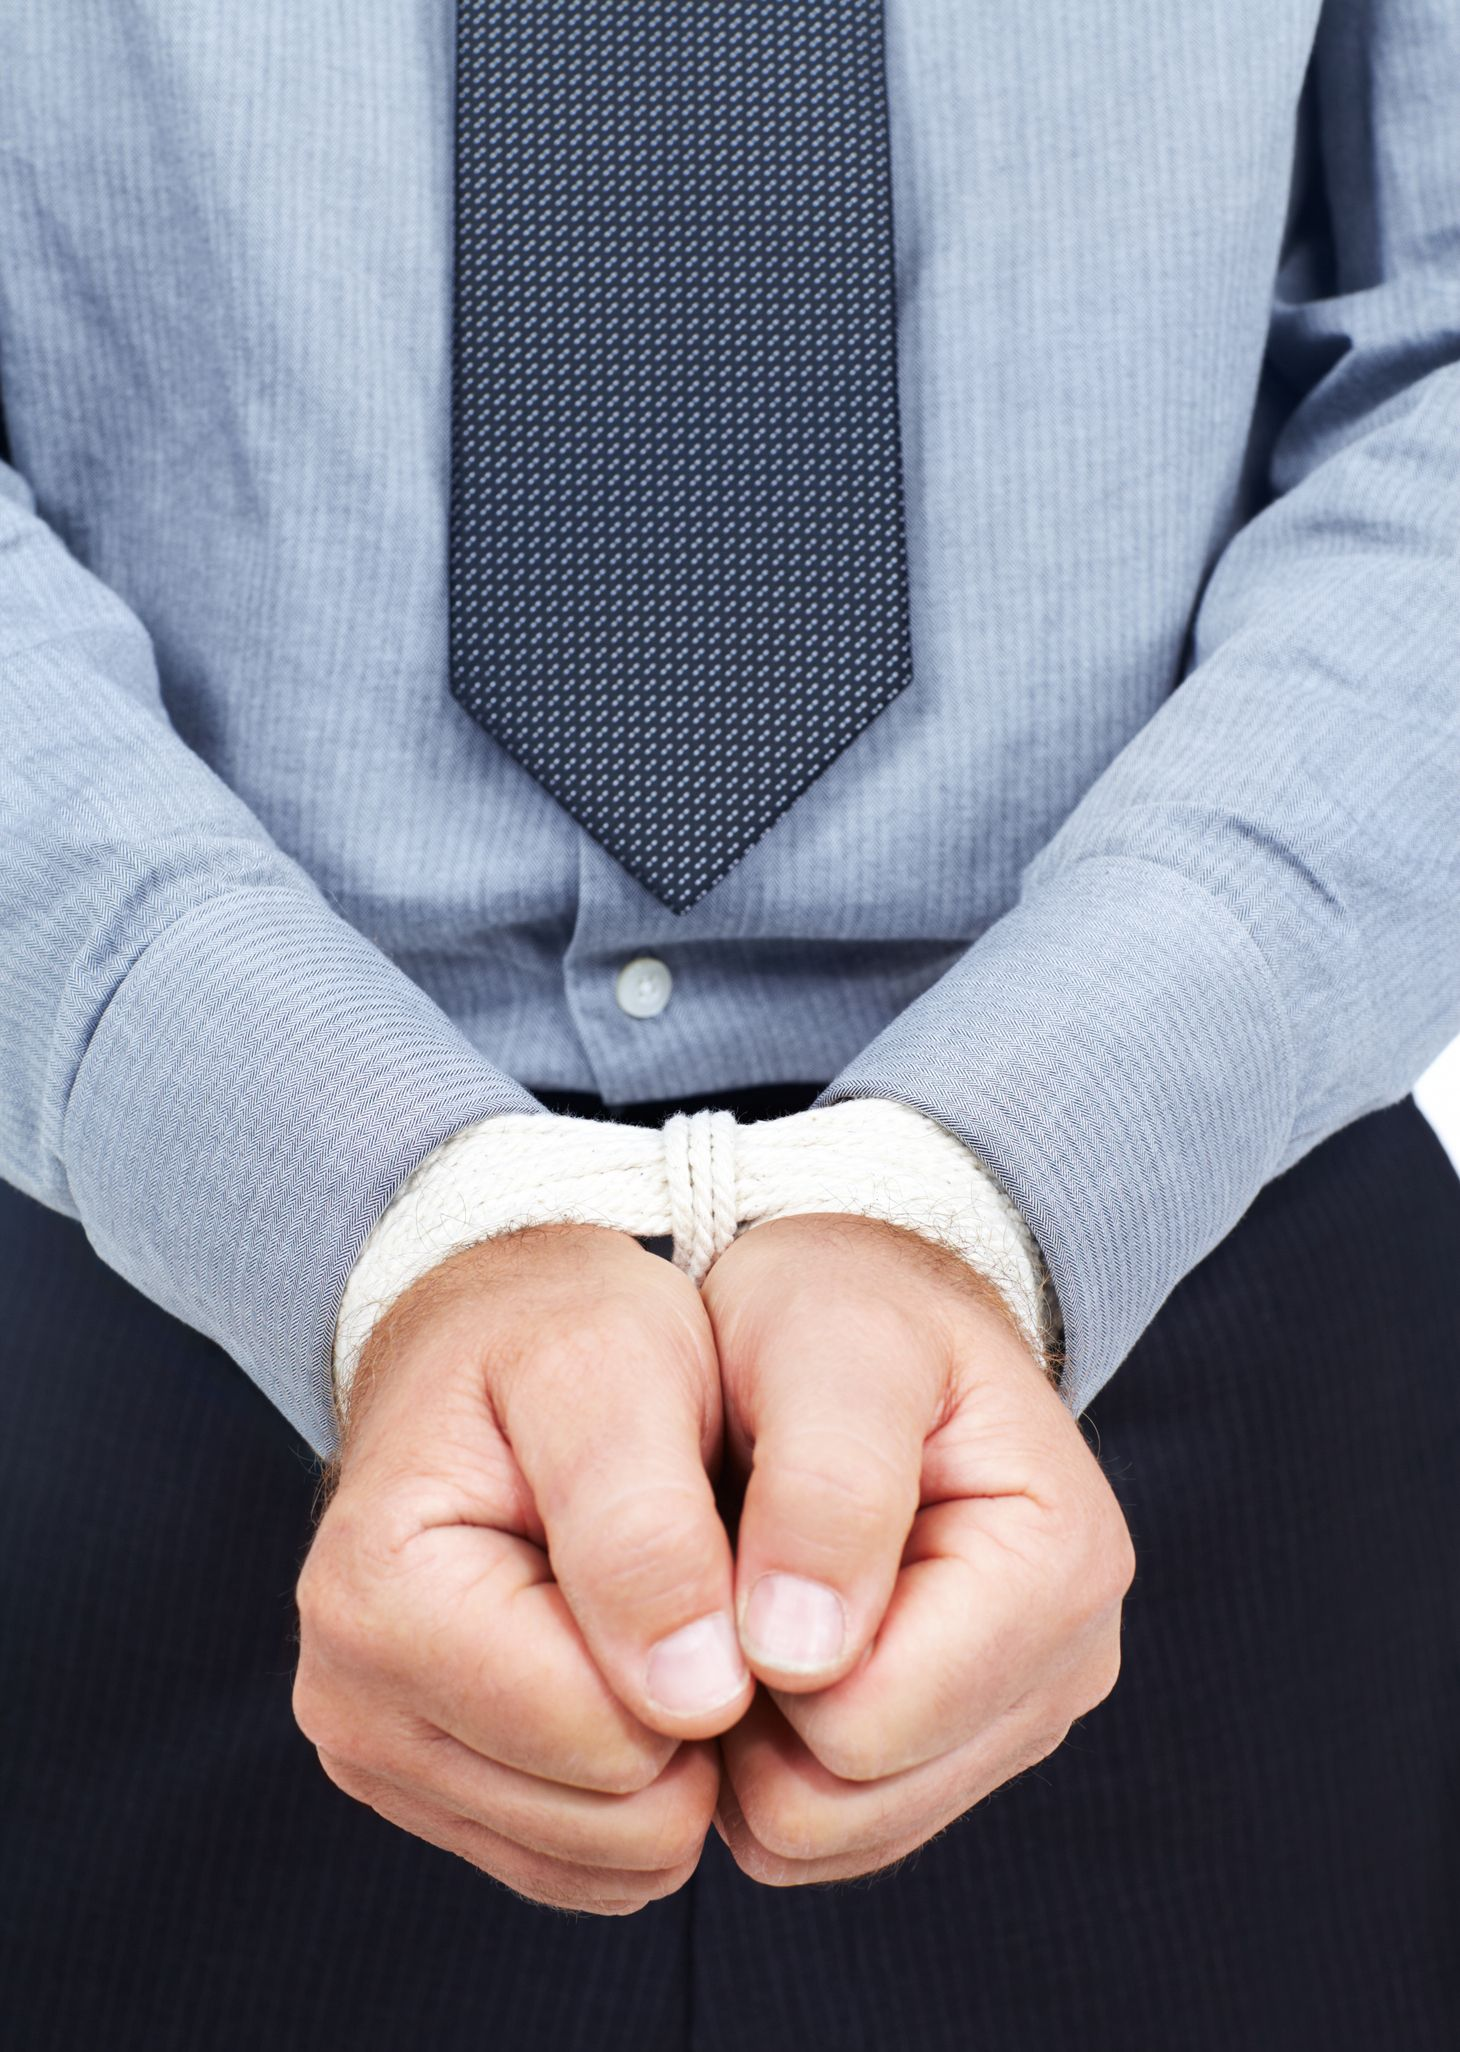 Sexo: 5 señales de que te masturbas demasiado